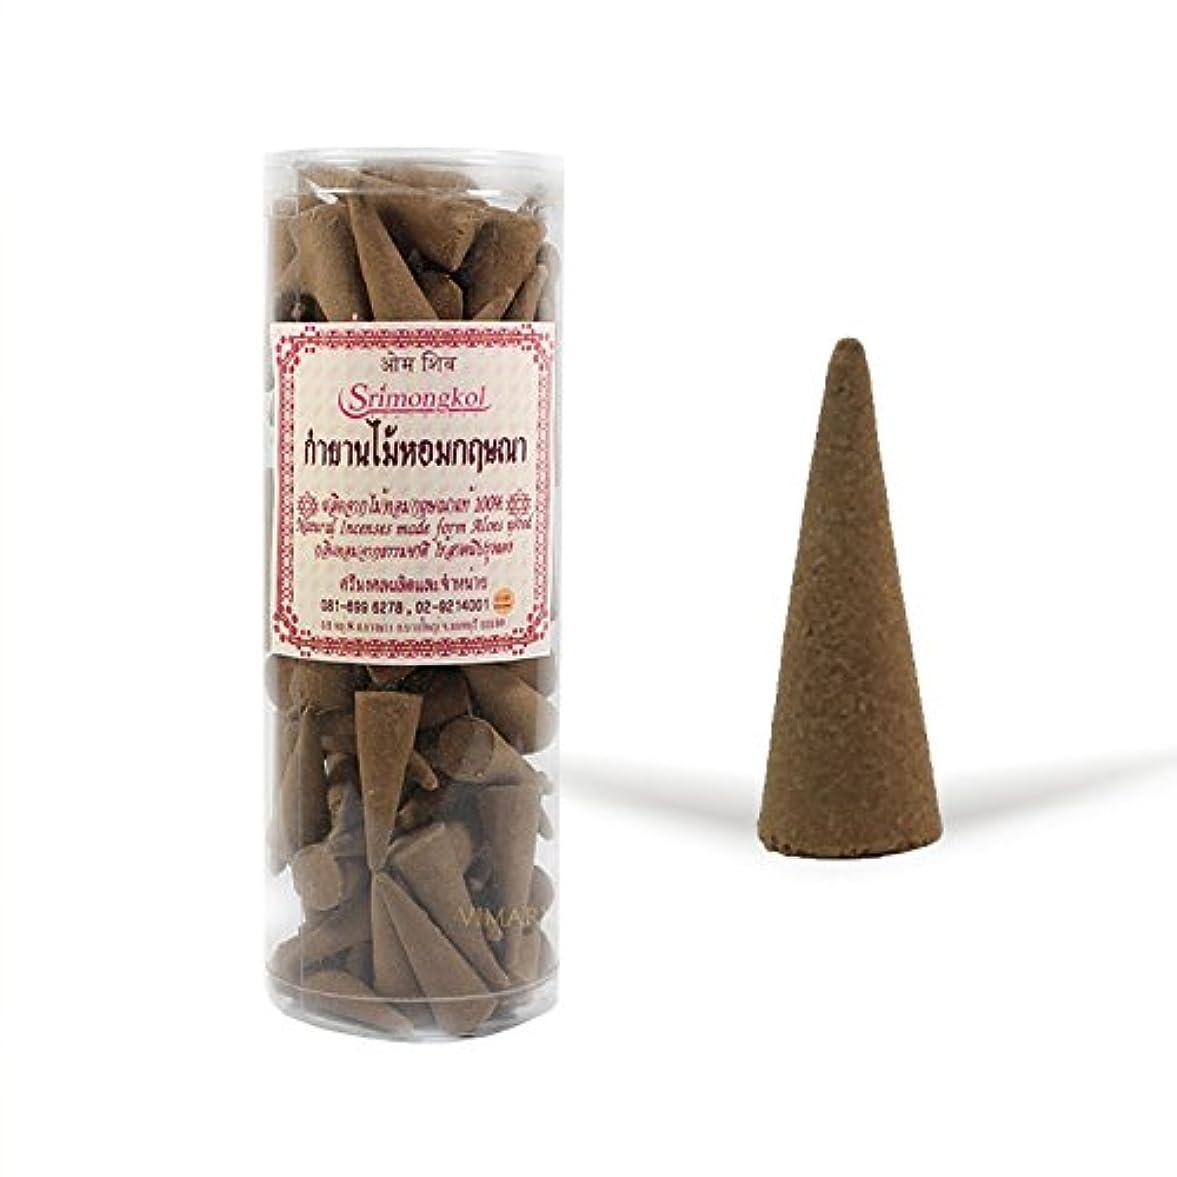 教室中央カスタムSrimongkol Agarwood Natural Incense Cones 300 Grams (No Chemical):::Srimongkol Agarwoodナチュラル香コーン300グラム(化学薬品なし)